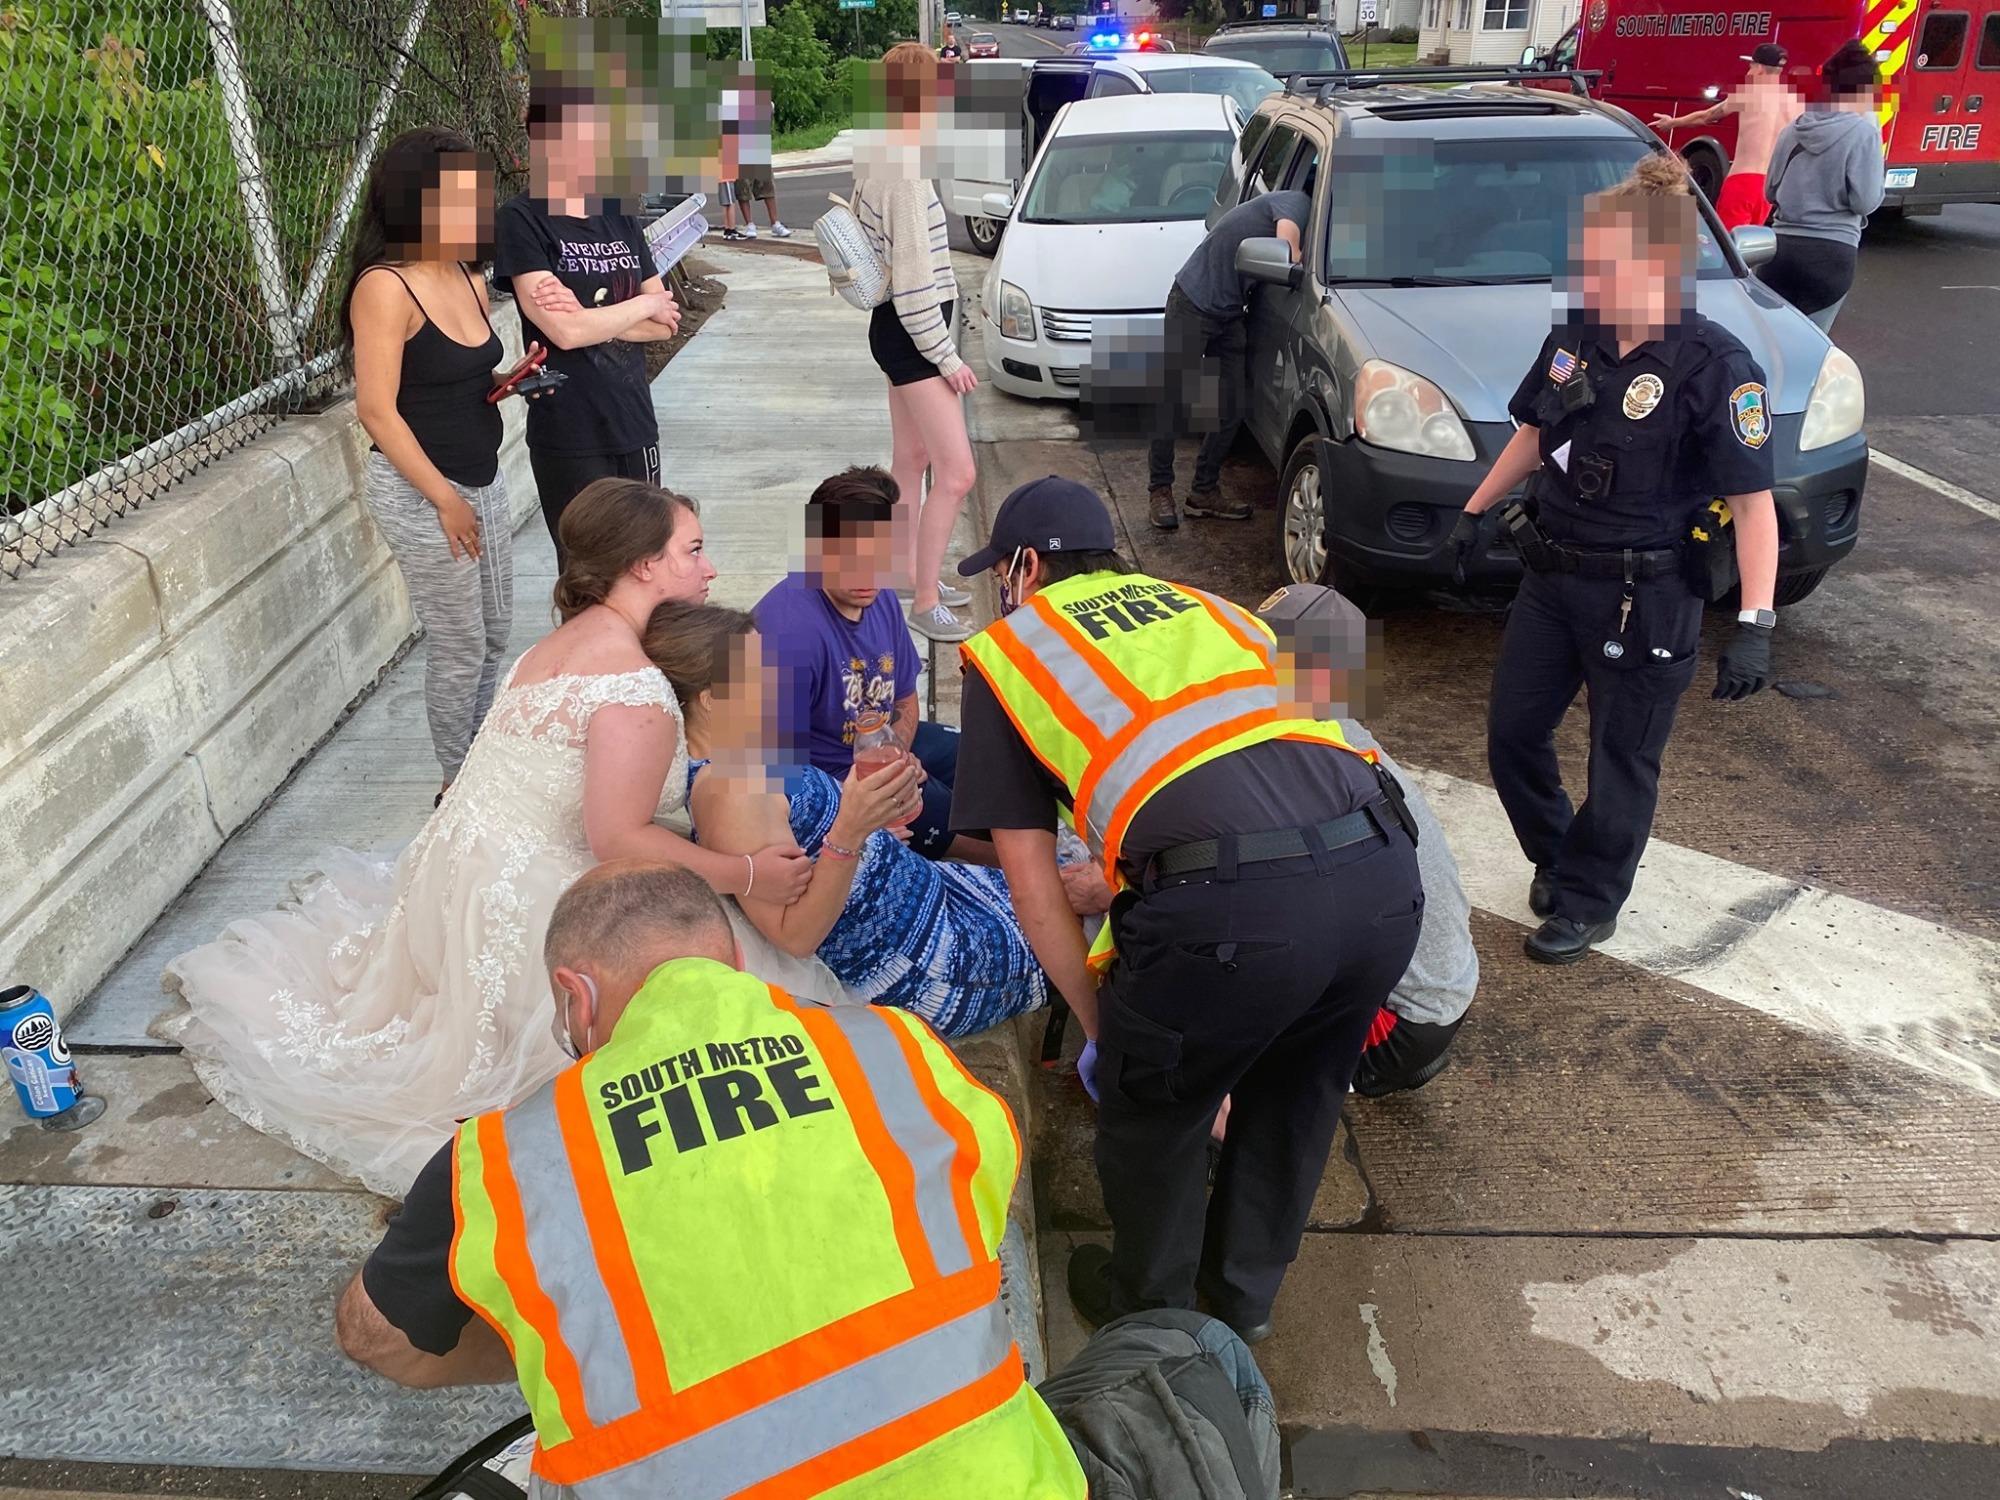 Percekkel az esküvő után, még a menyasszonyi ruhában segített egy balesetnél egy amerikai ápolónő